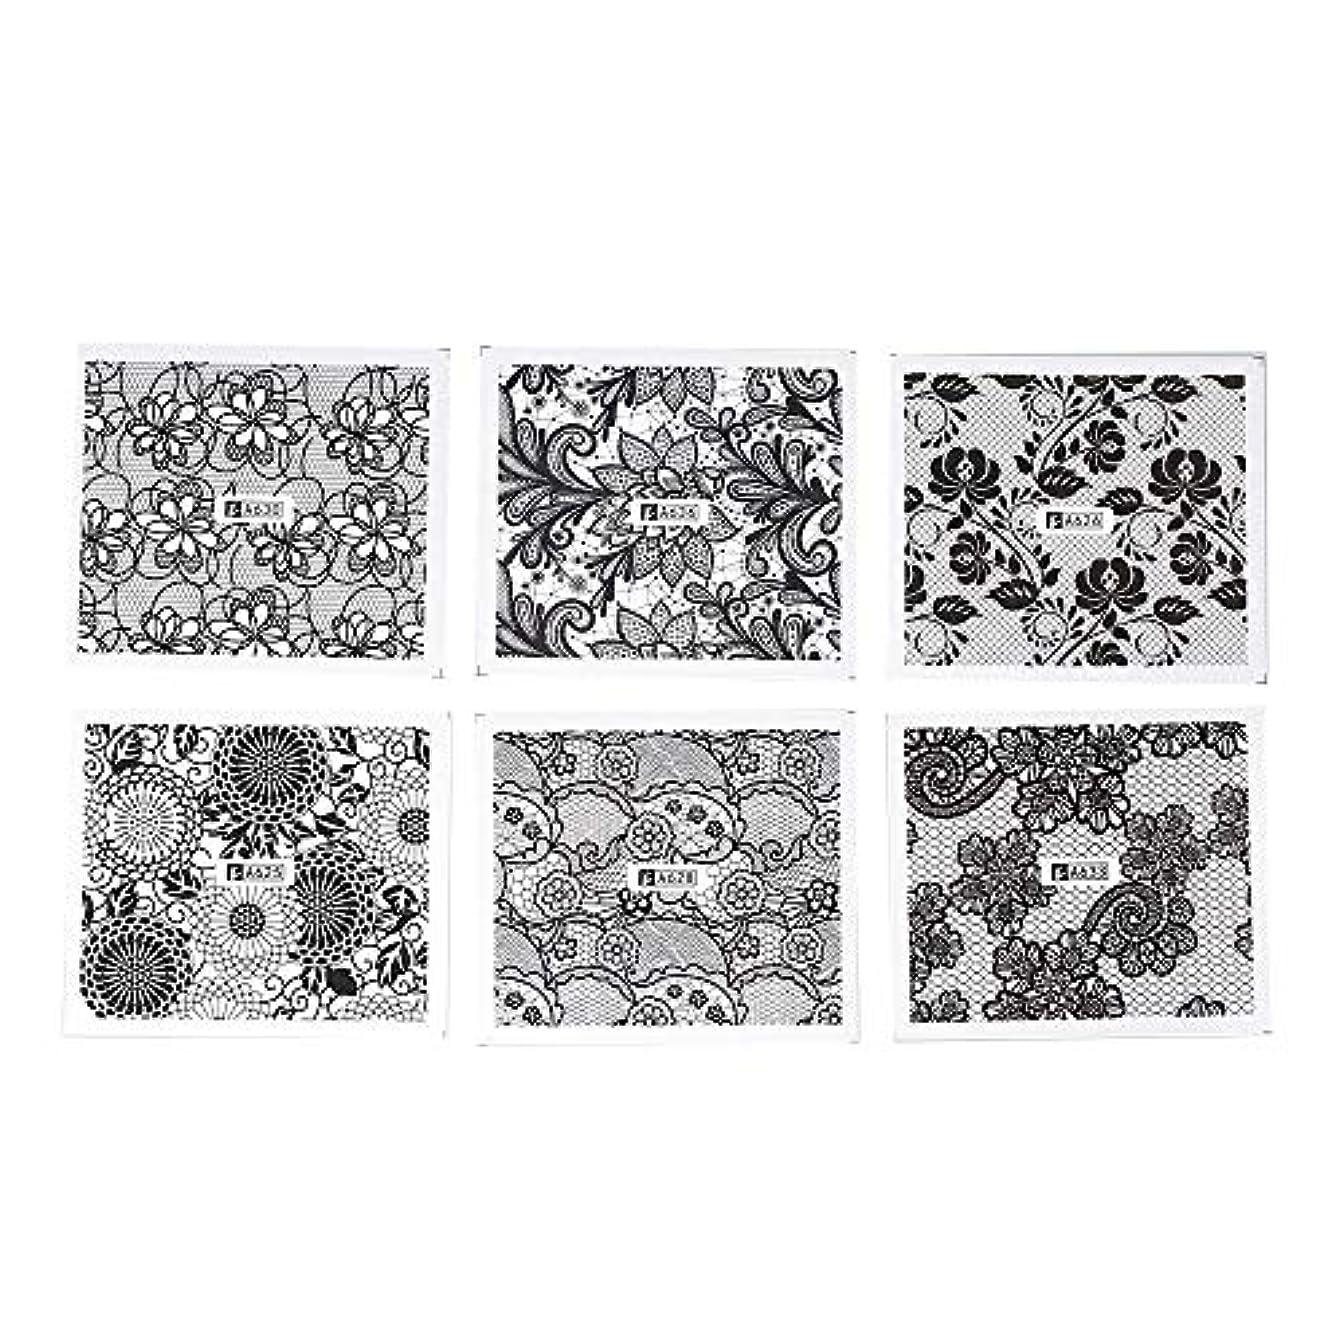 悲しいことに登るアリスホワイト レース ブラック ネイルホイル ネイル転印シール 混合 花柄 ネイルシール ネイルステッカー ネイルデコ ネイルアート DIY 装飾ツール 24枚セット